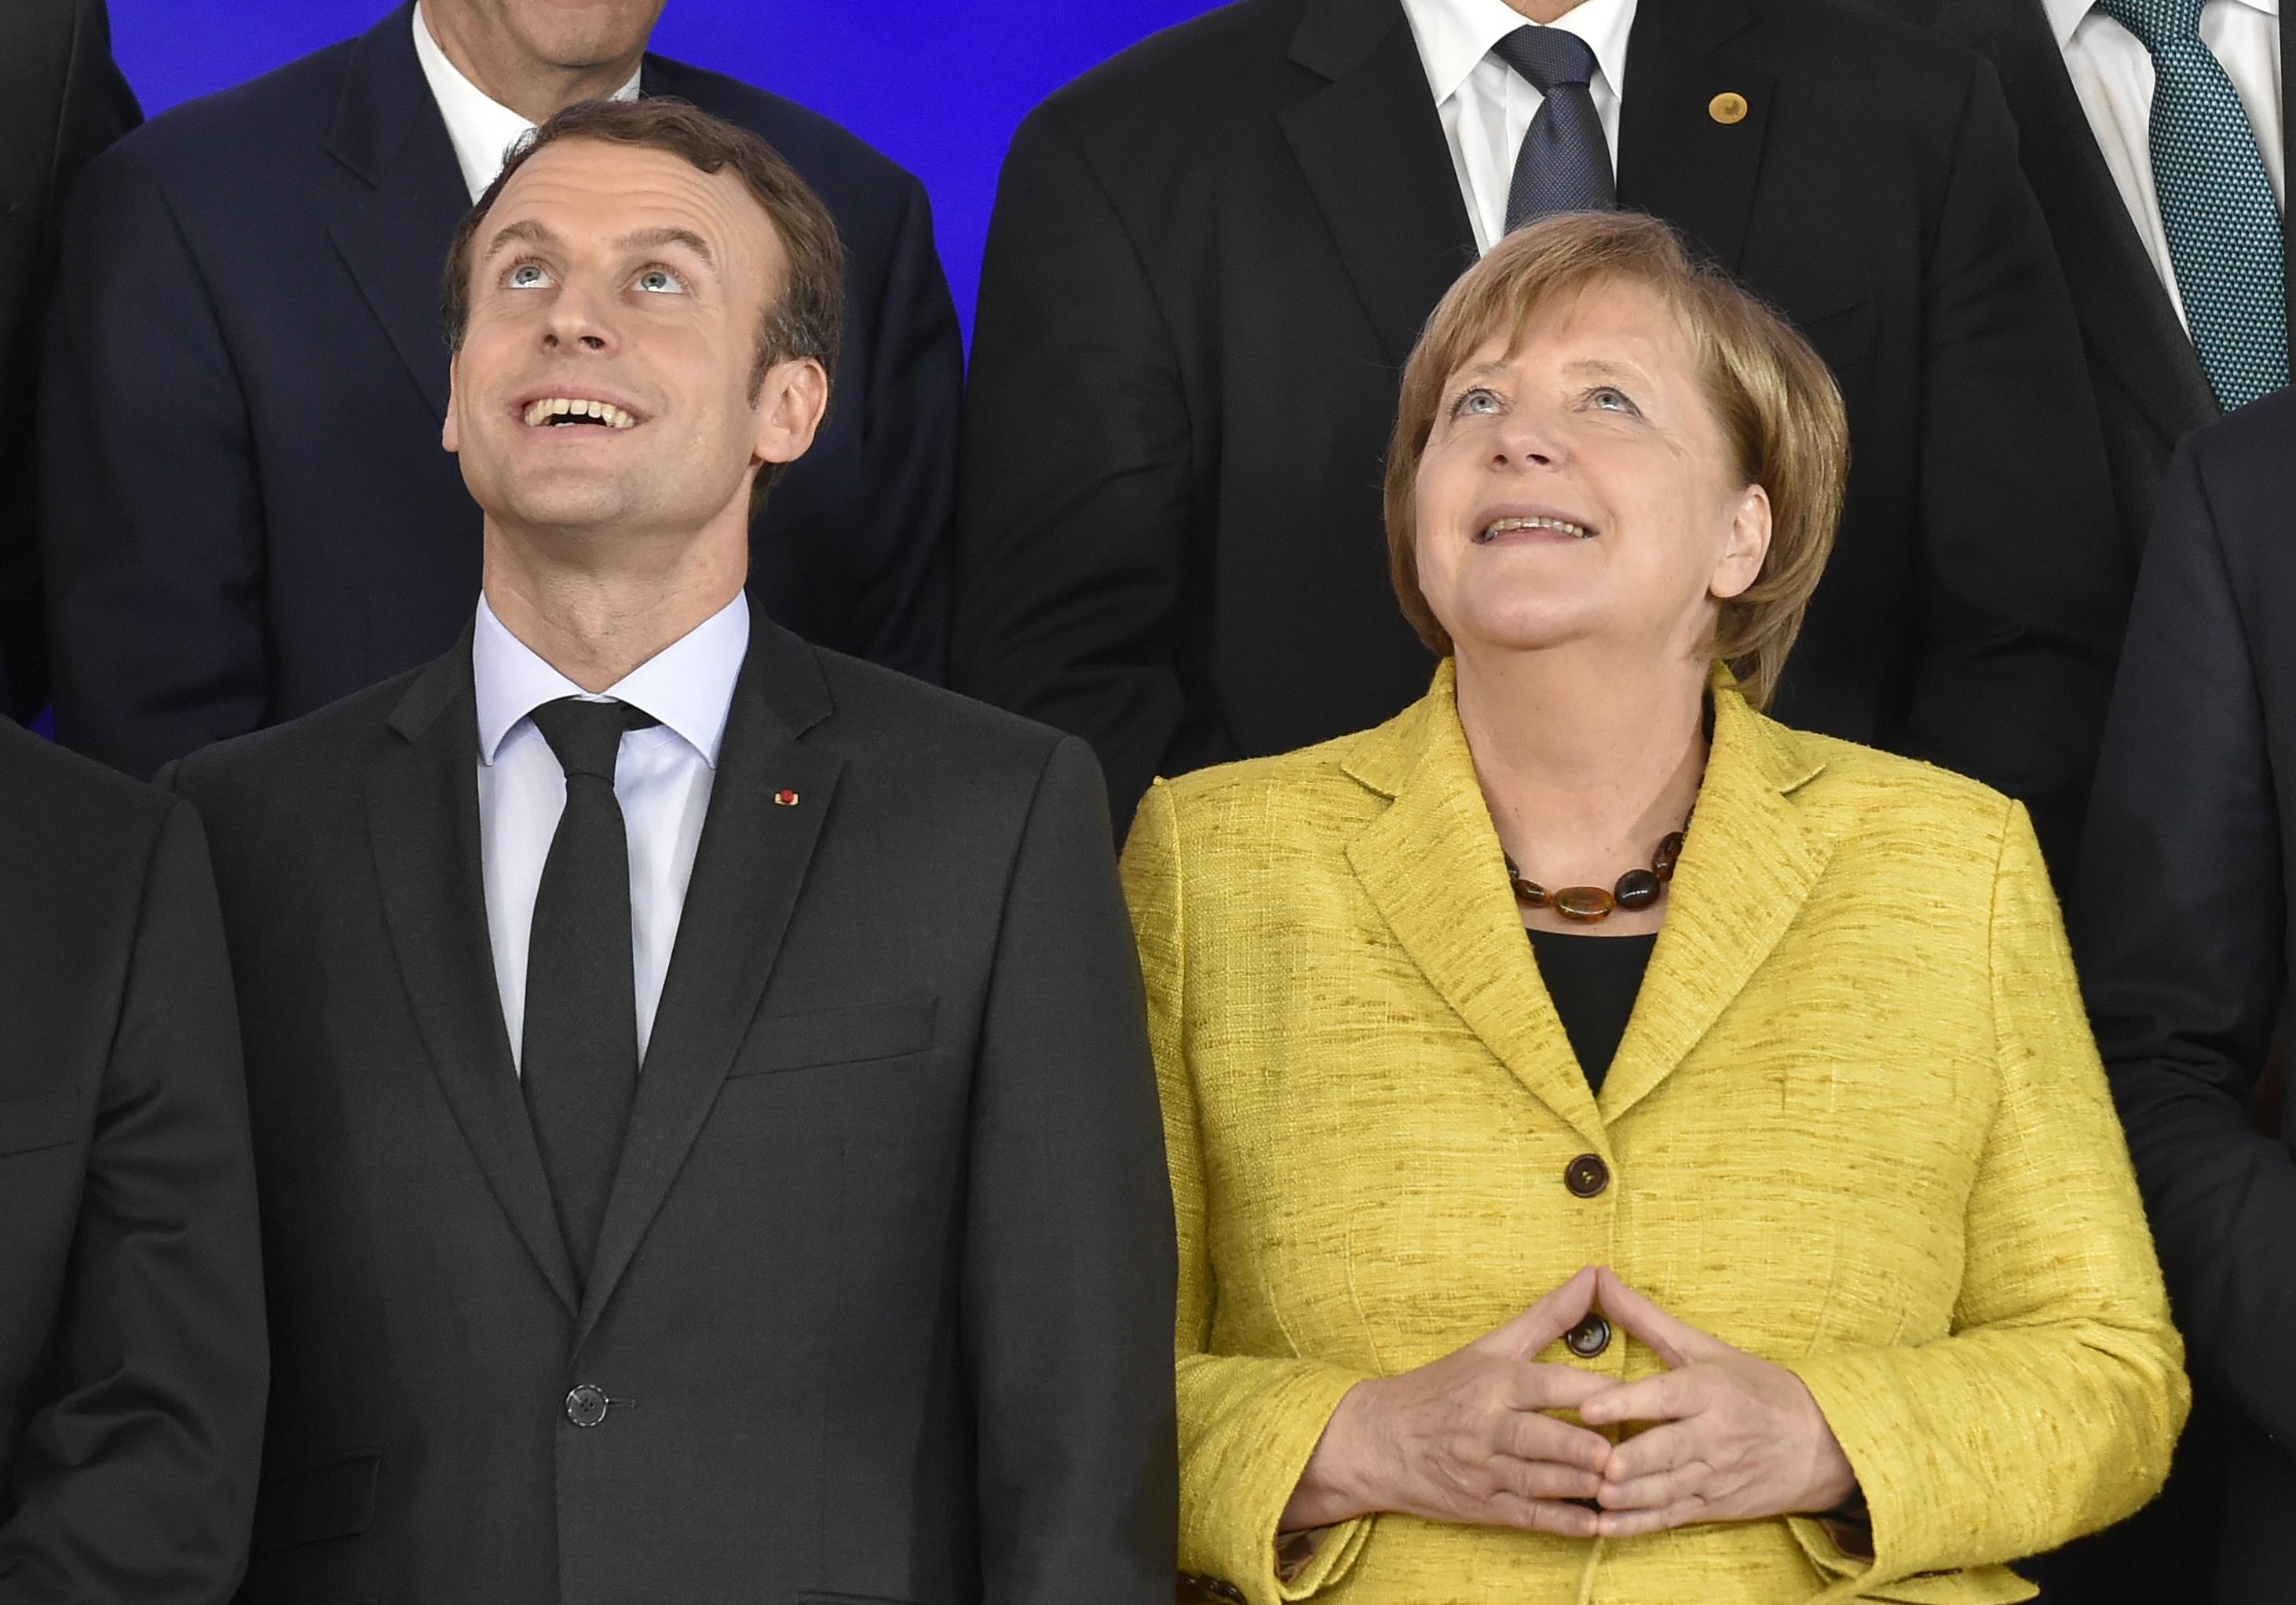 Németország 2,9 milliárd eurót keresett a görög válságon